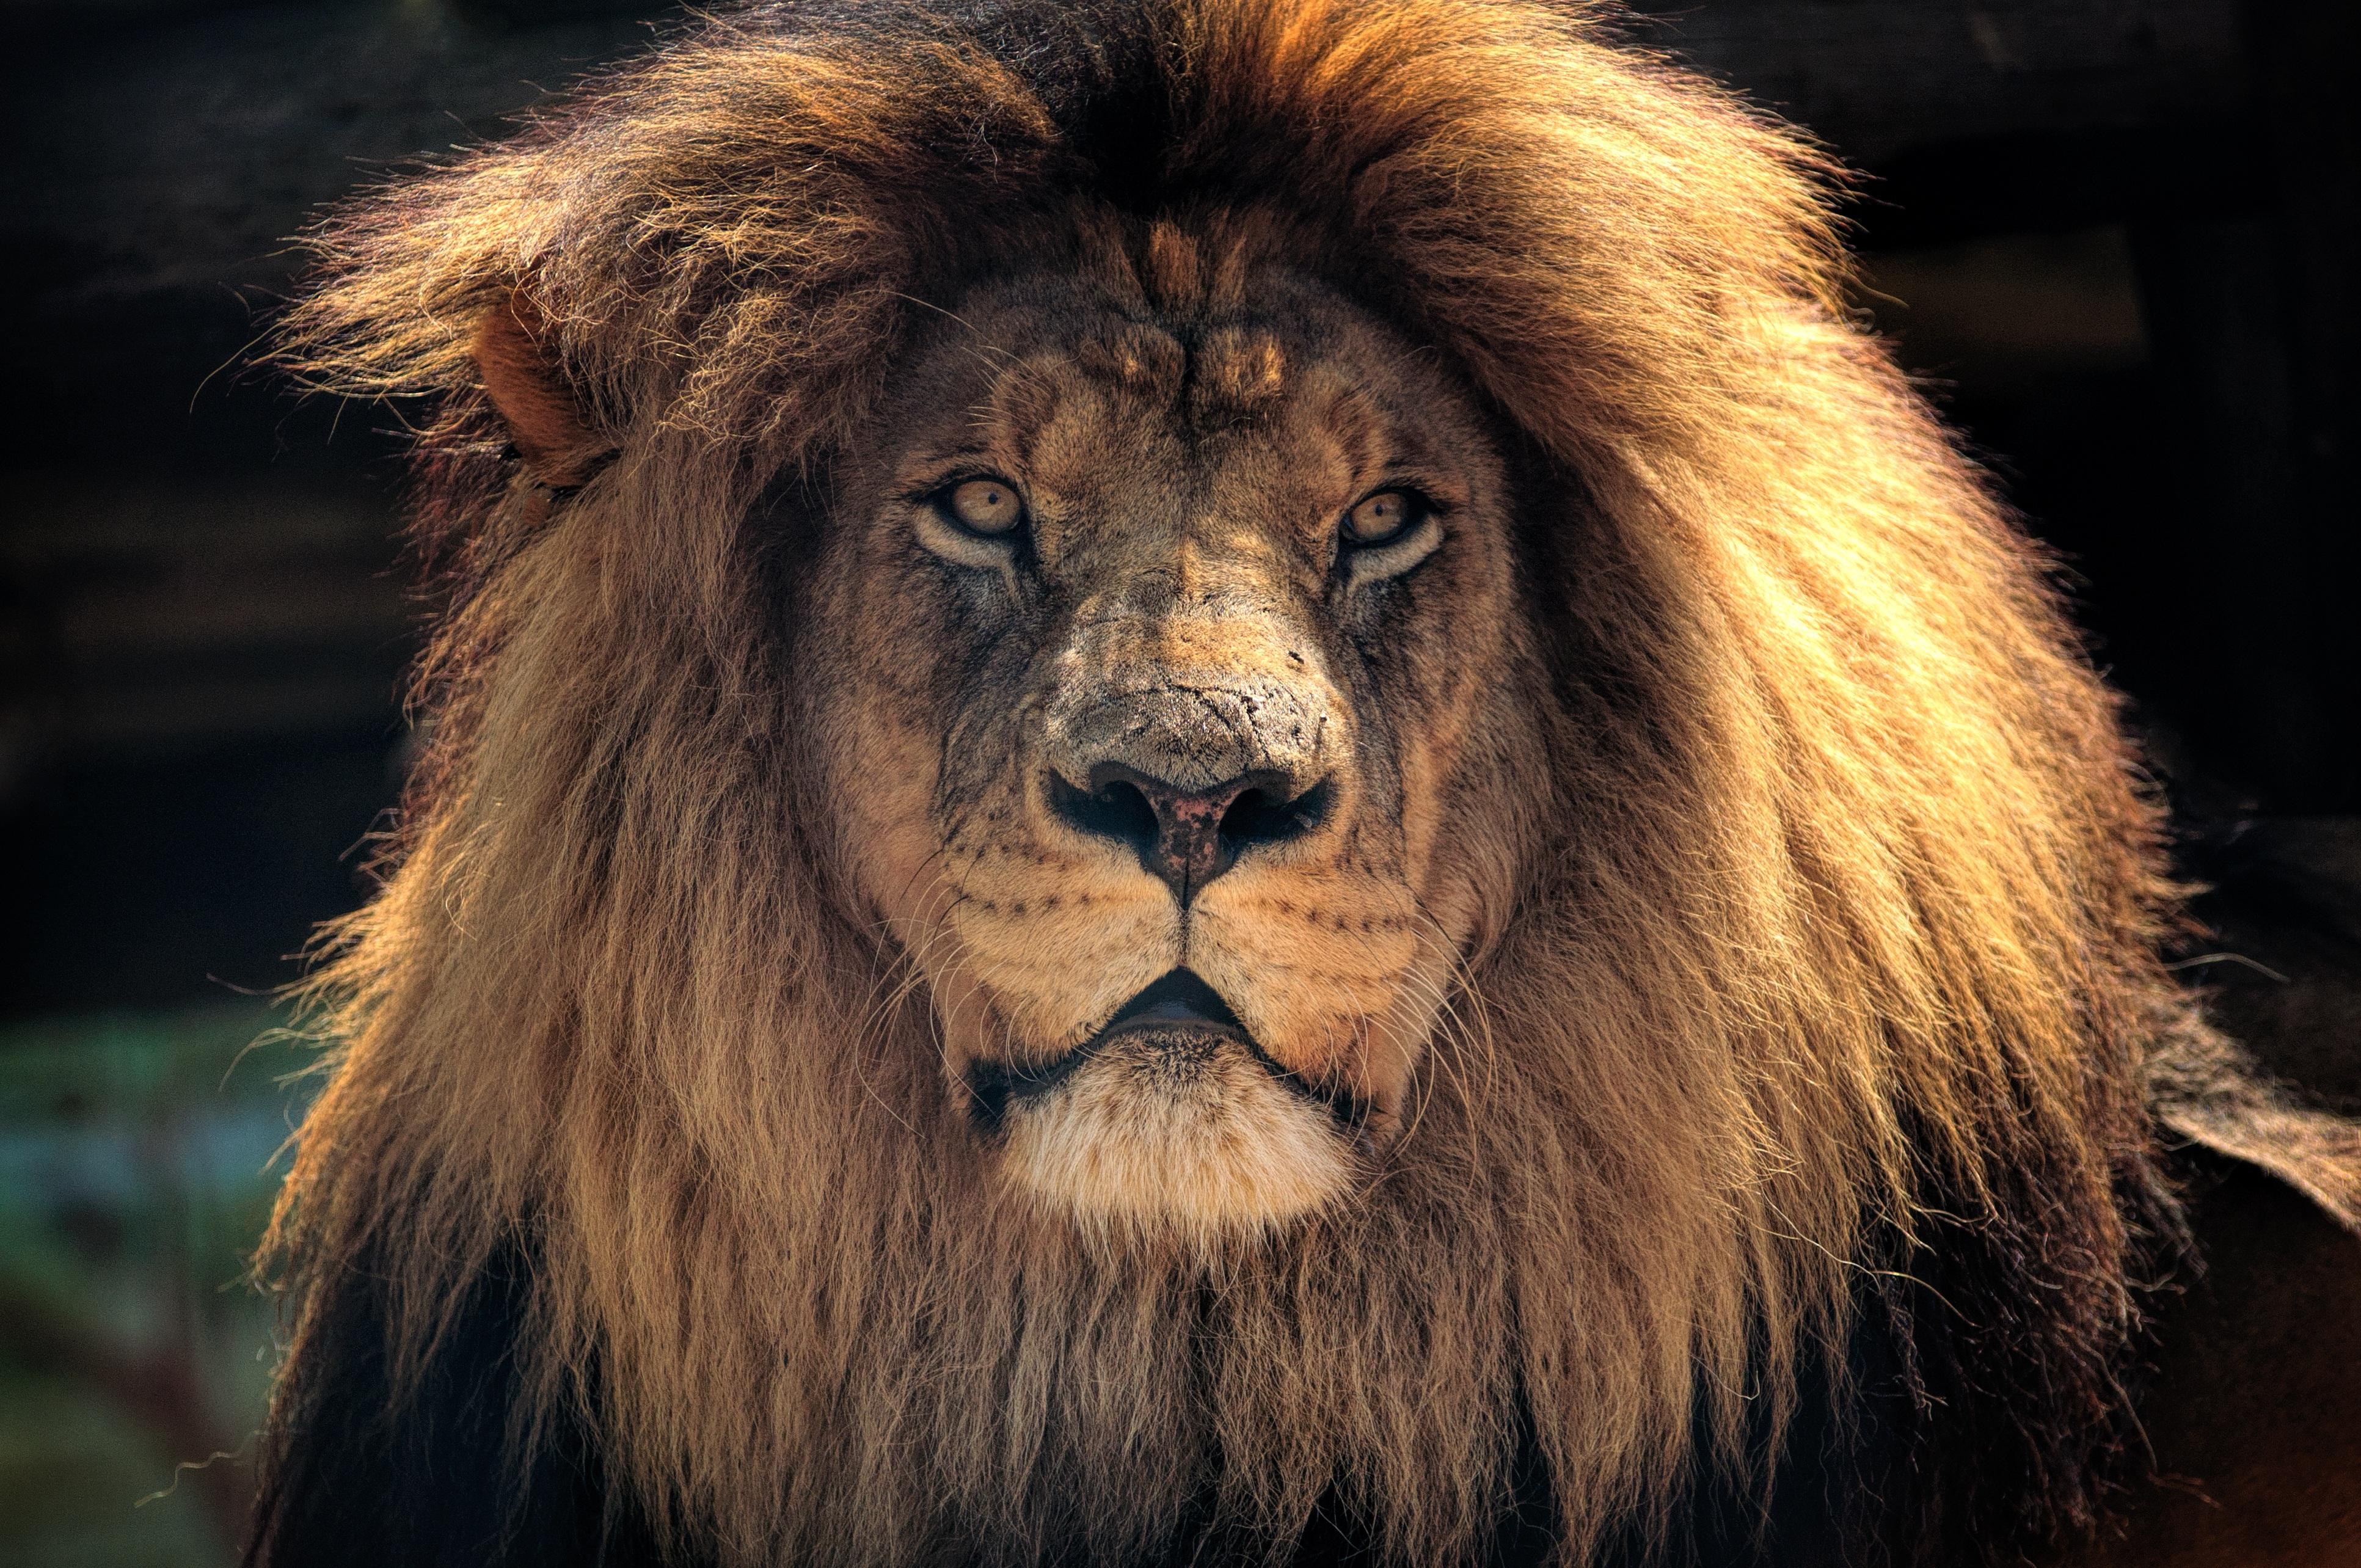 хорошая картинка льва всегда свежие, качество